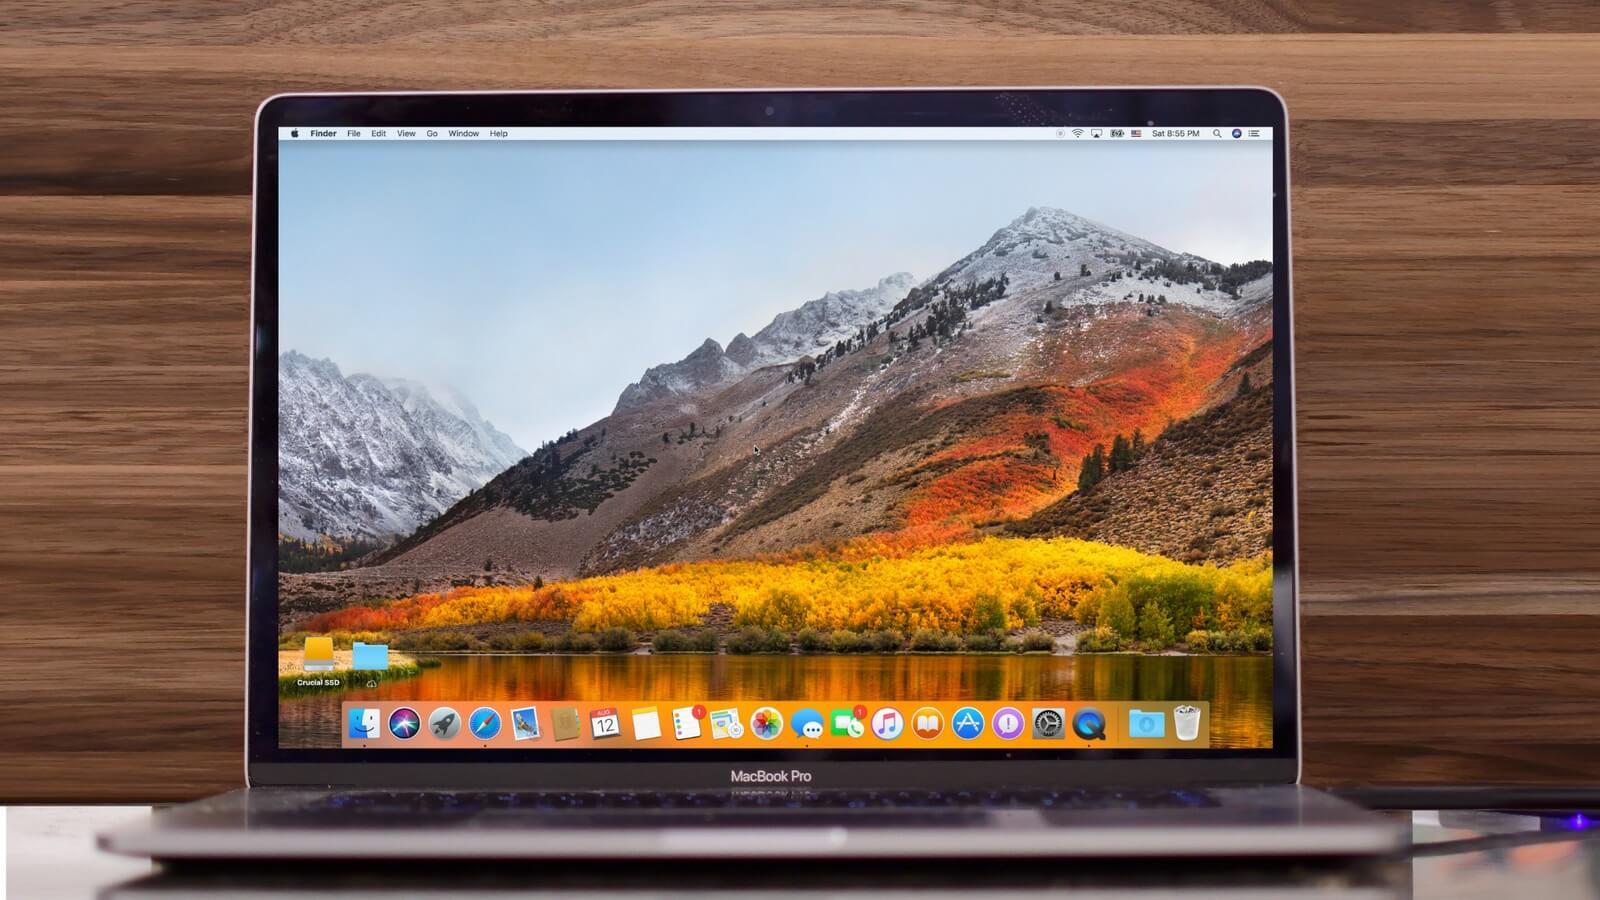 Баг в файловой системе macOS может привести к потере данных